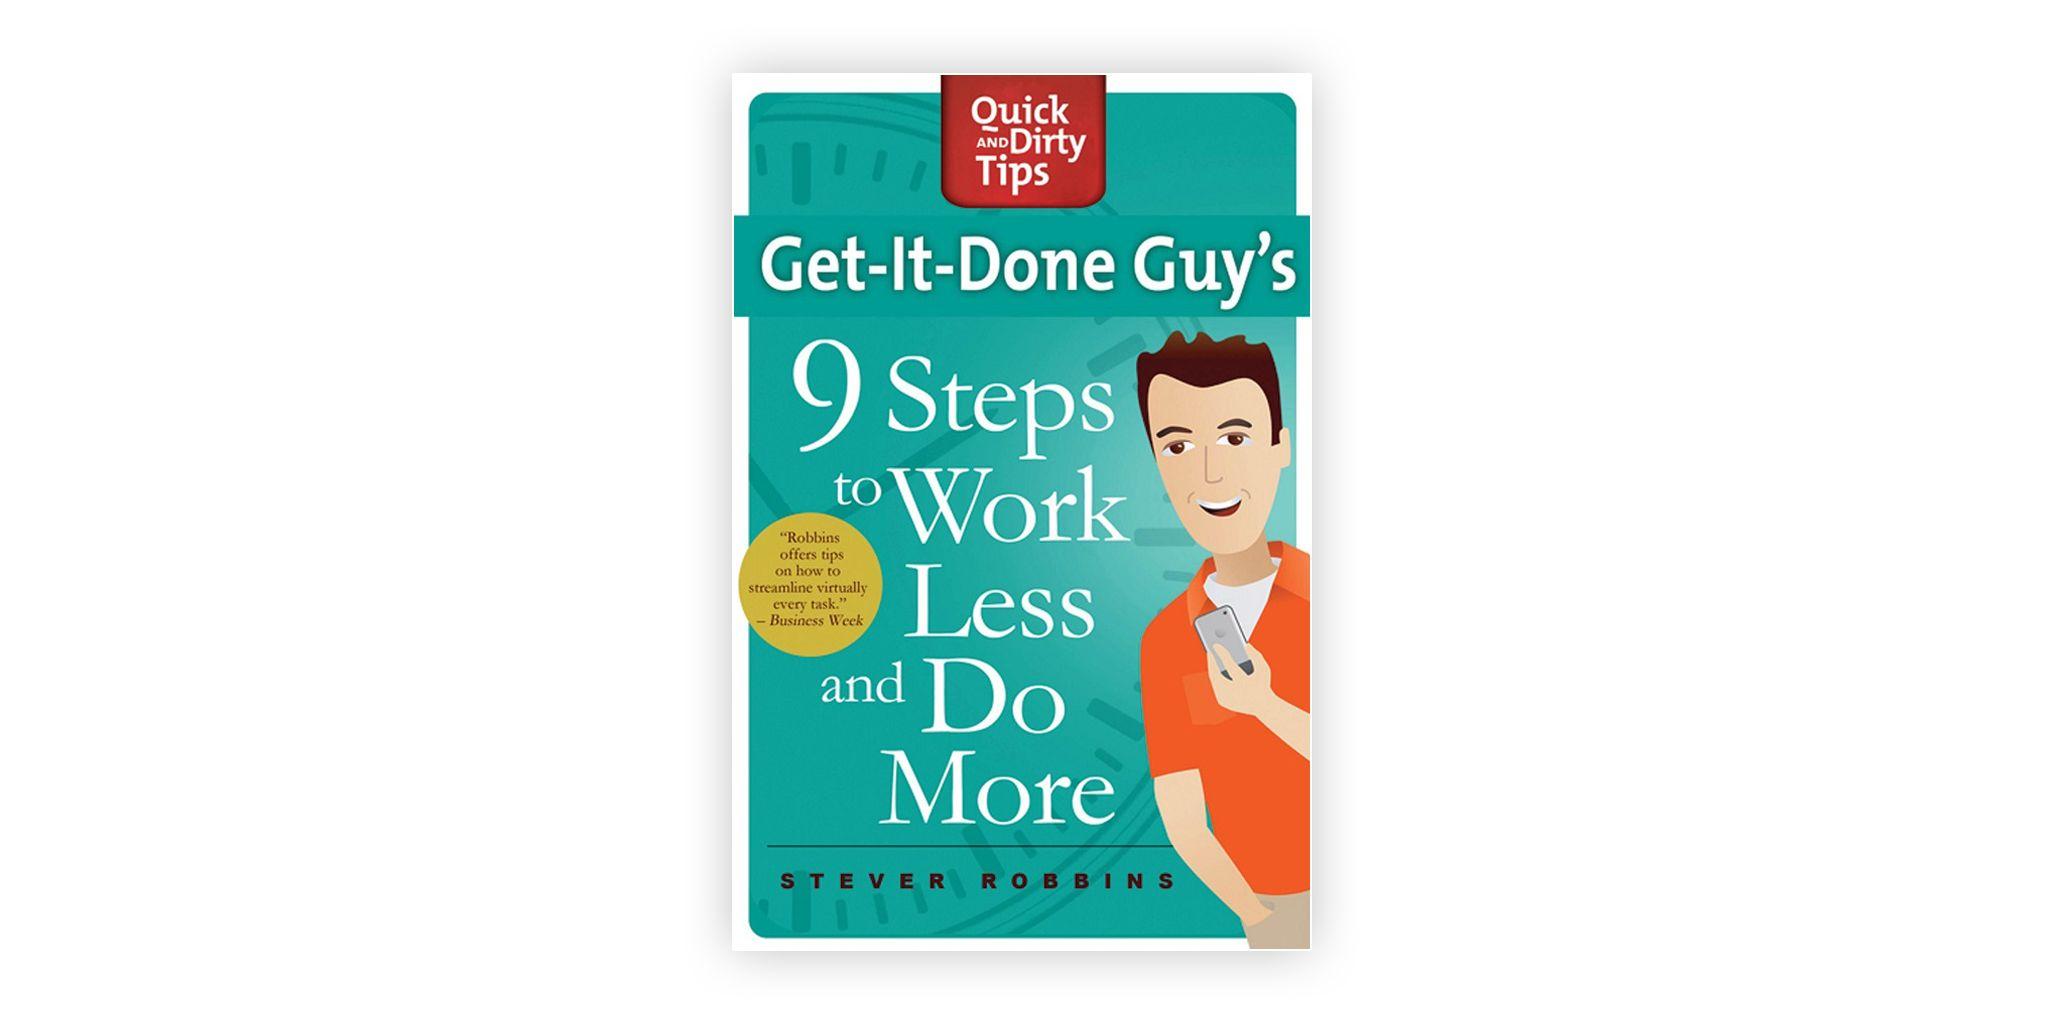 Stever's Book